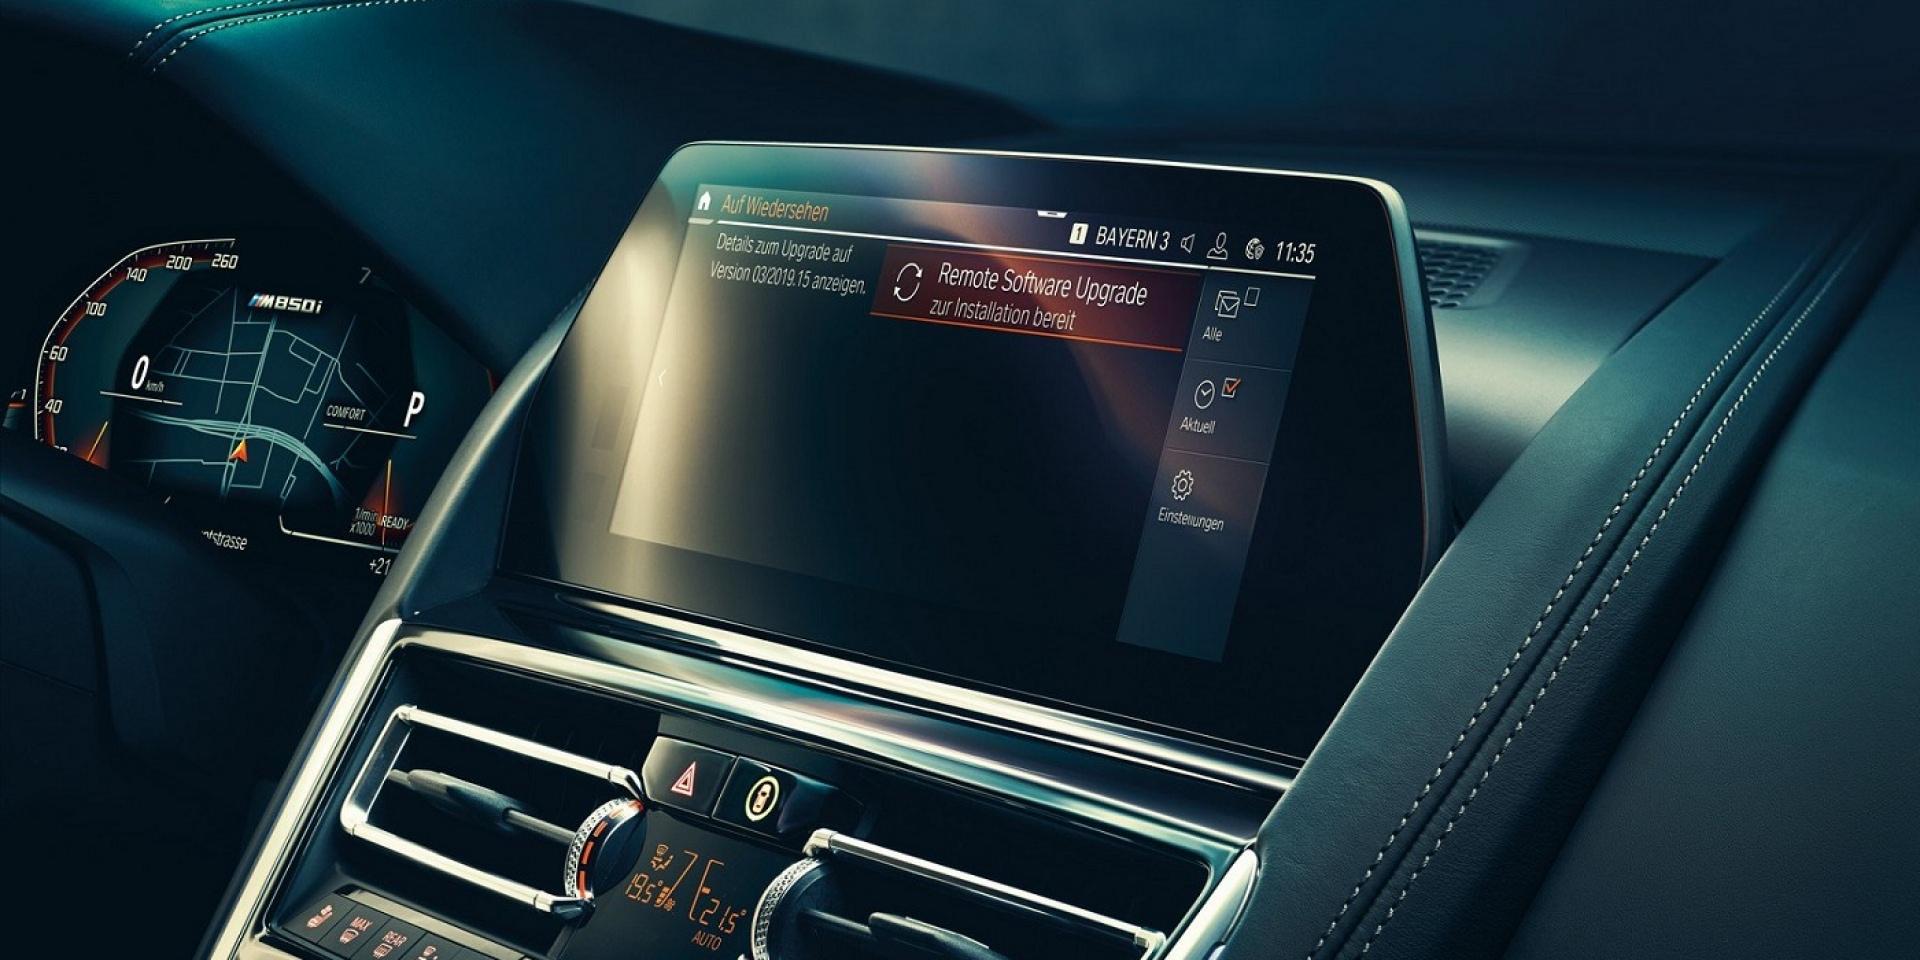 車界Siri,BMW推出智能助理 最快明年三月登場